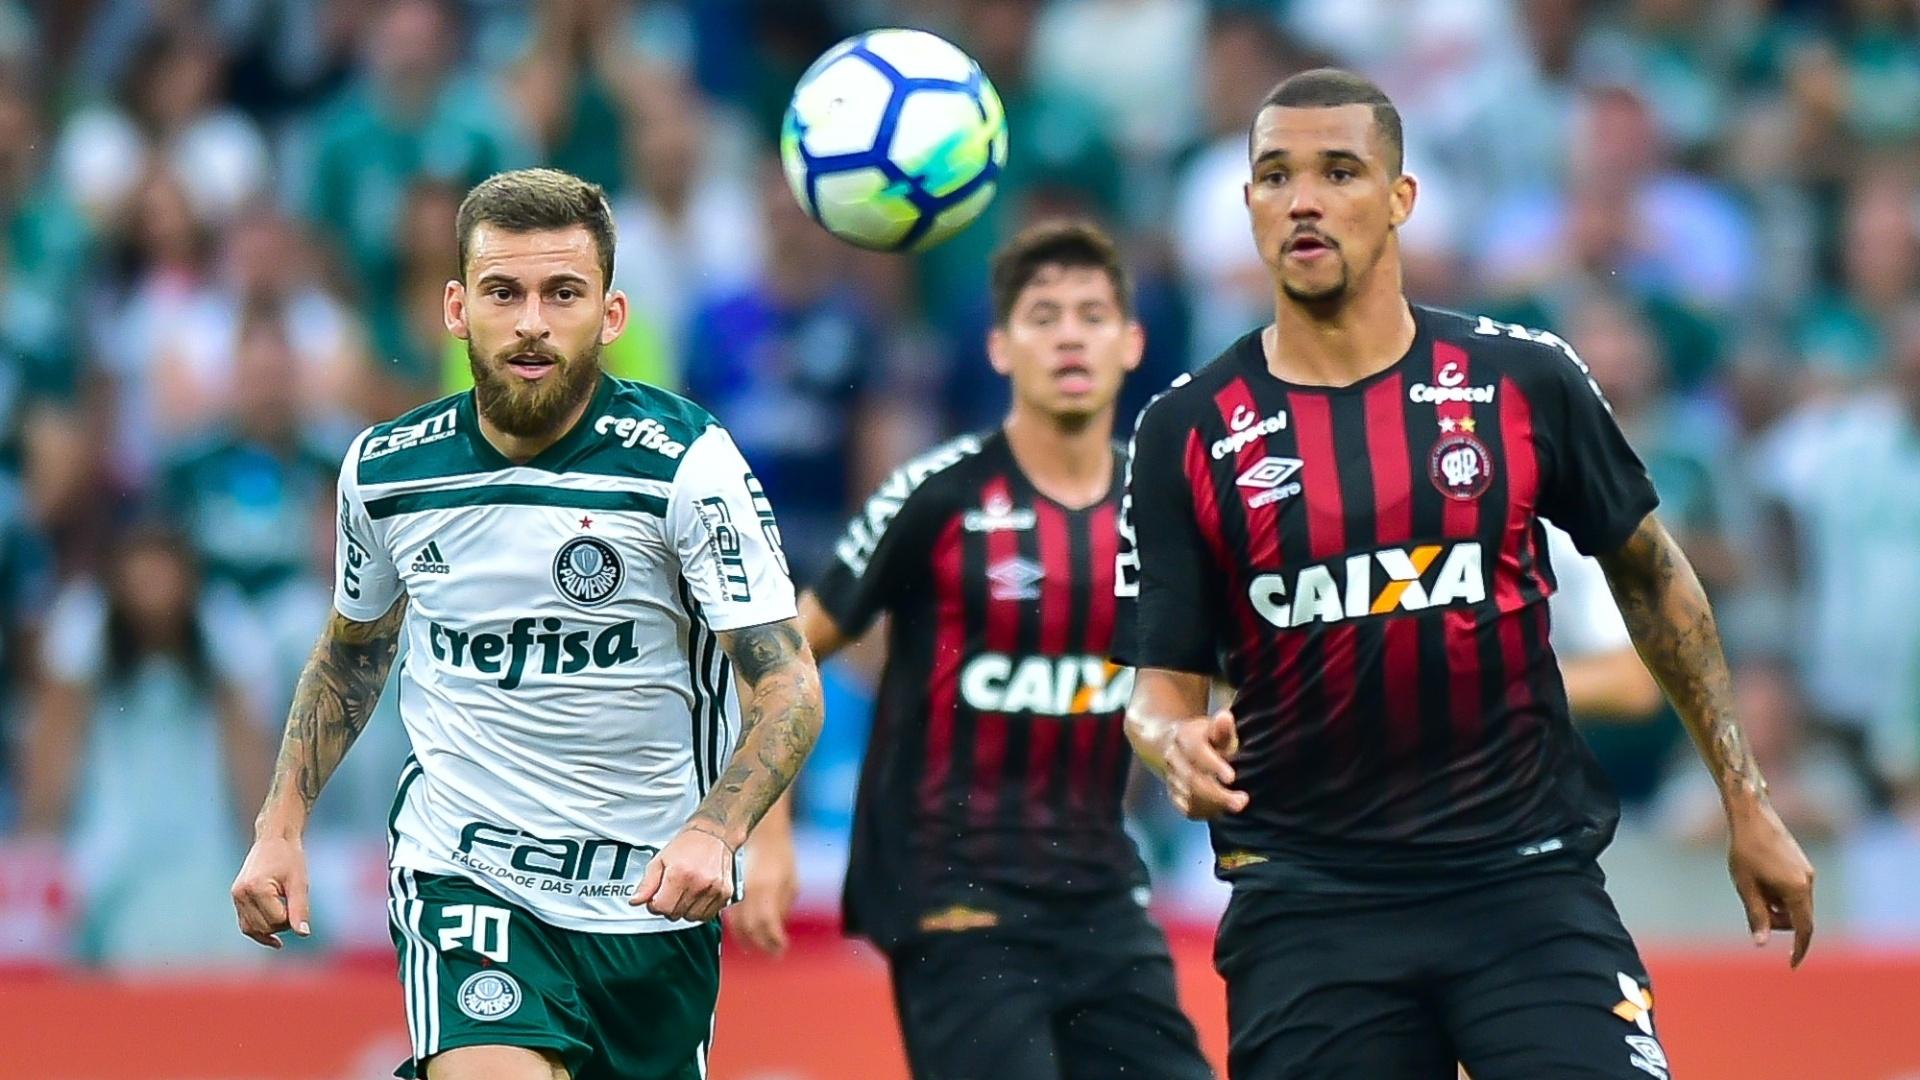 Lucas Lima e Zé Ivaldo disputam a bola durante a partida entre Palmeiras e Atlético-PR